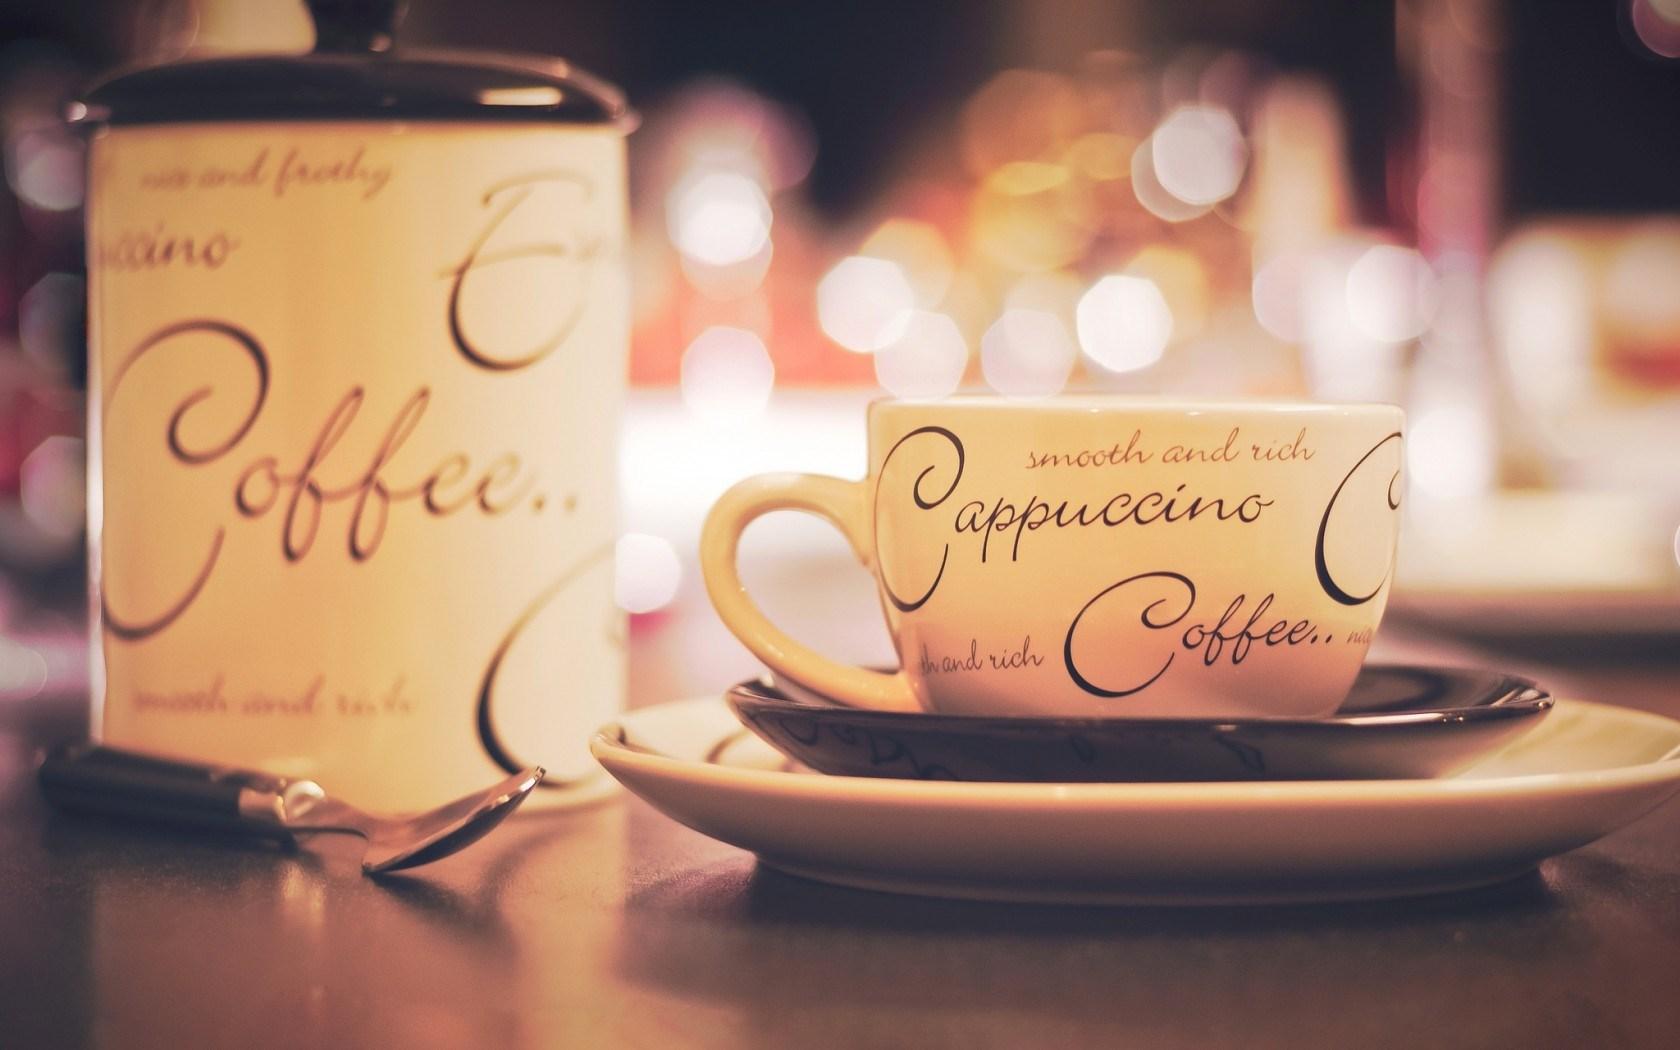 nhung-hinh-nen-ly-cafe-dep-ve-tinh-yeu-ngot-ngao-va-lang-man-nhat-6